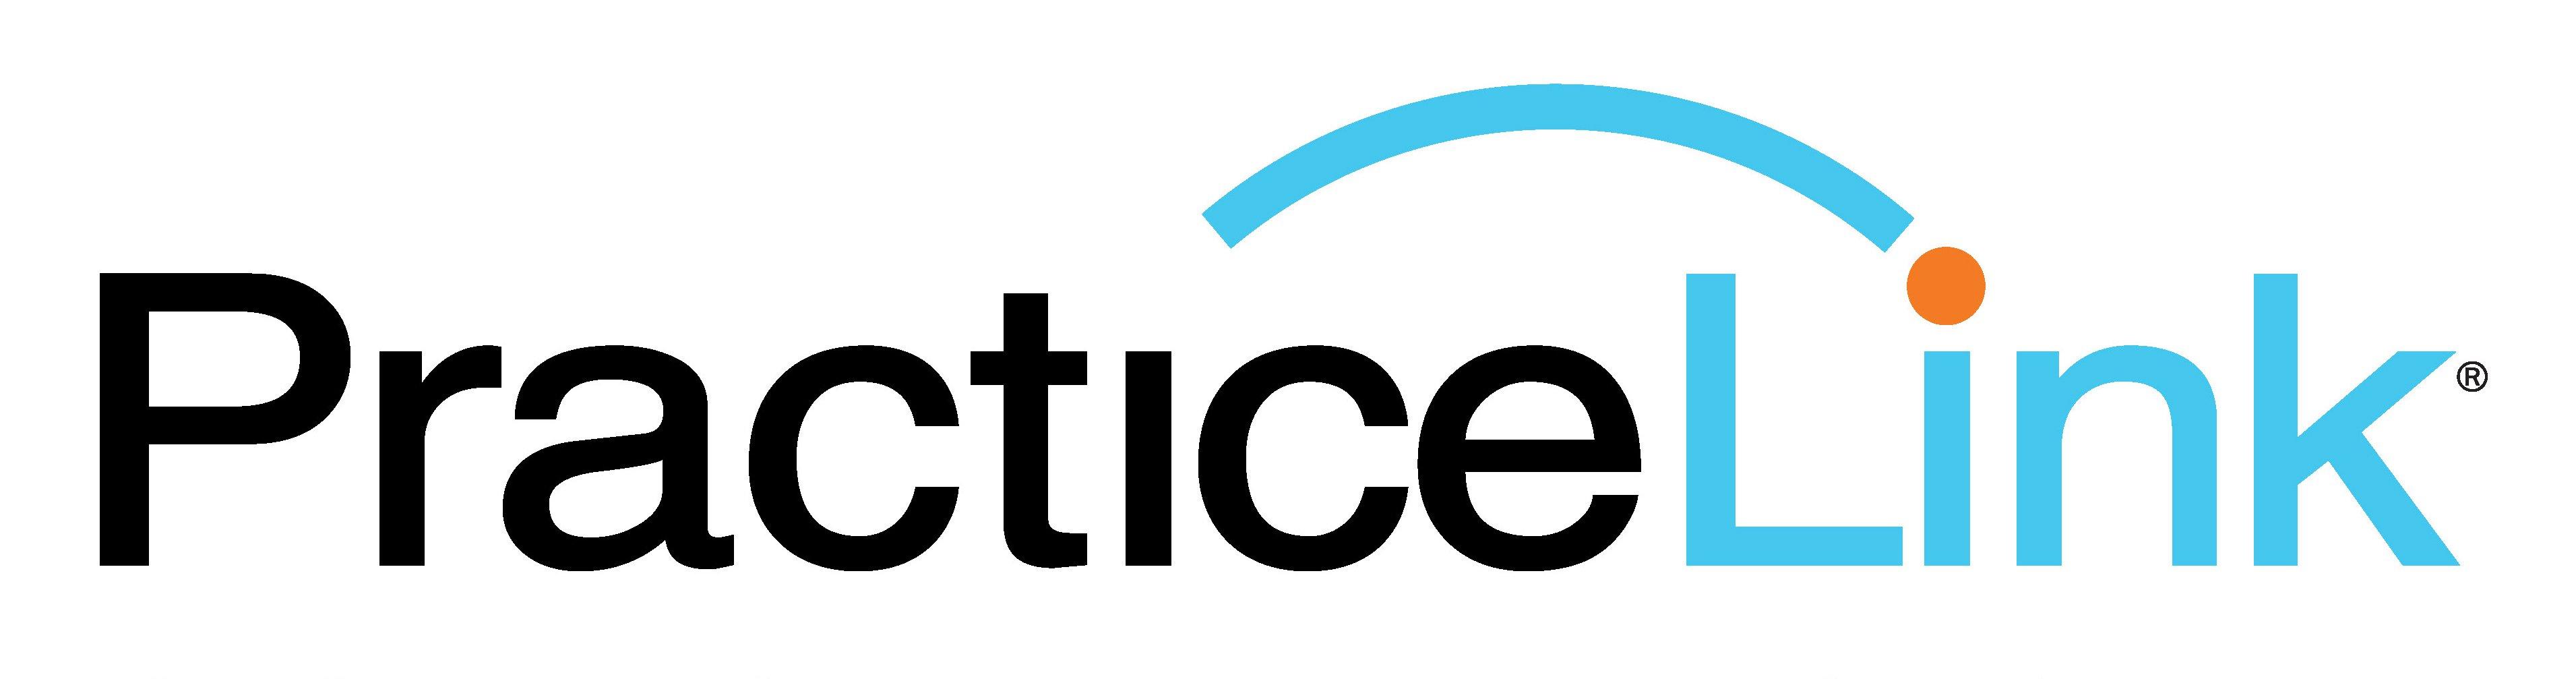 PracticeLink-Logo-No-Tag.jpg